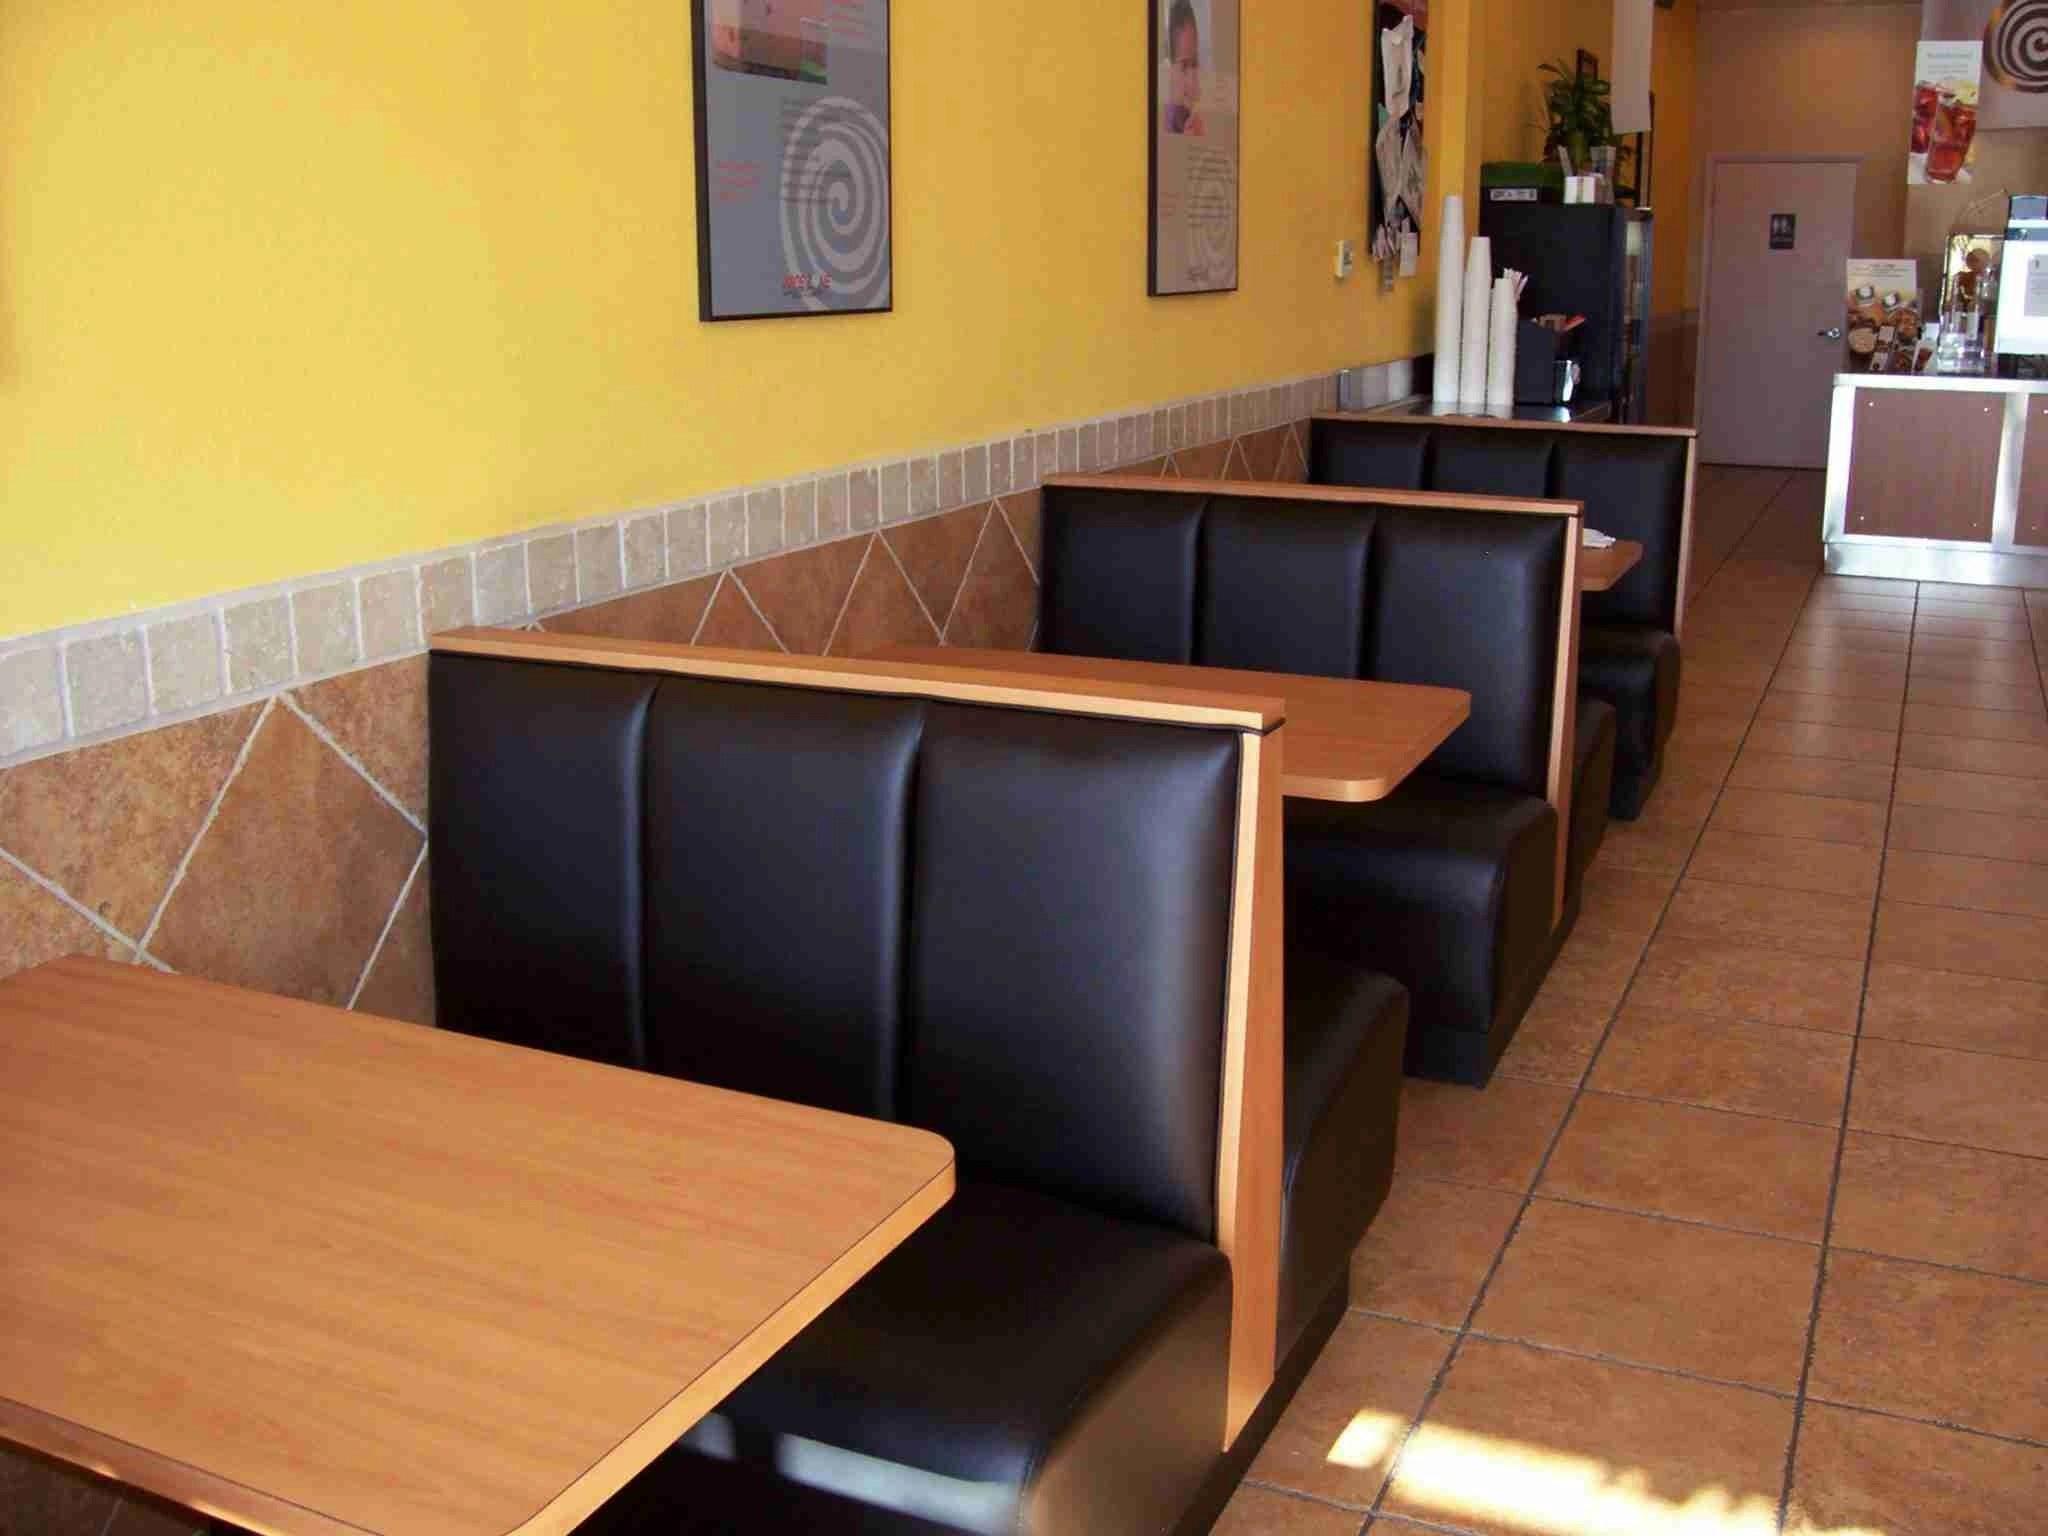 Restaurant Booths Tampa Orlando Fl Restaurant Booth